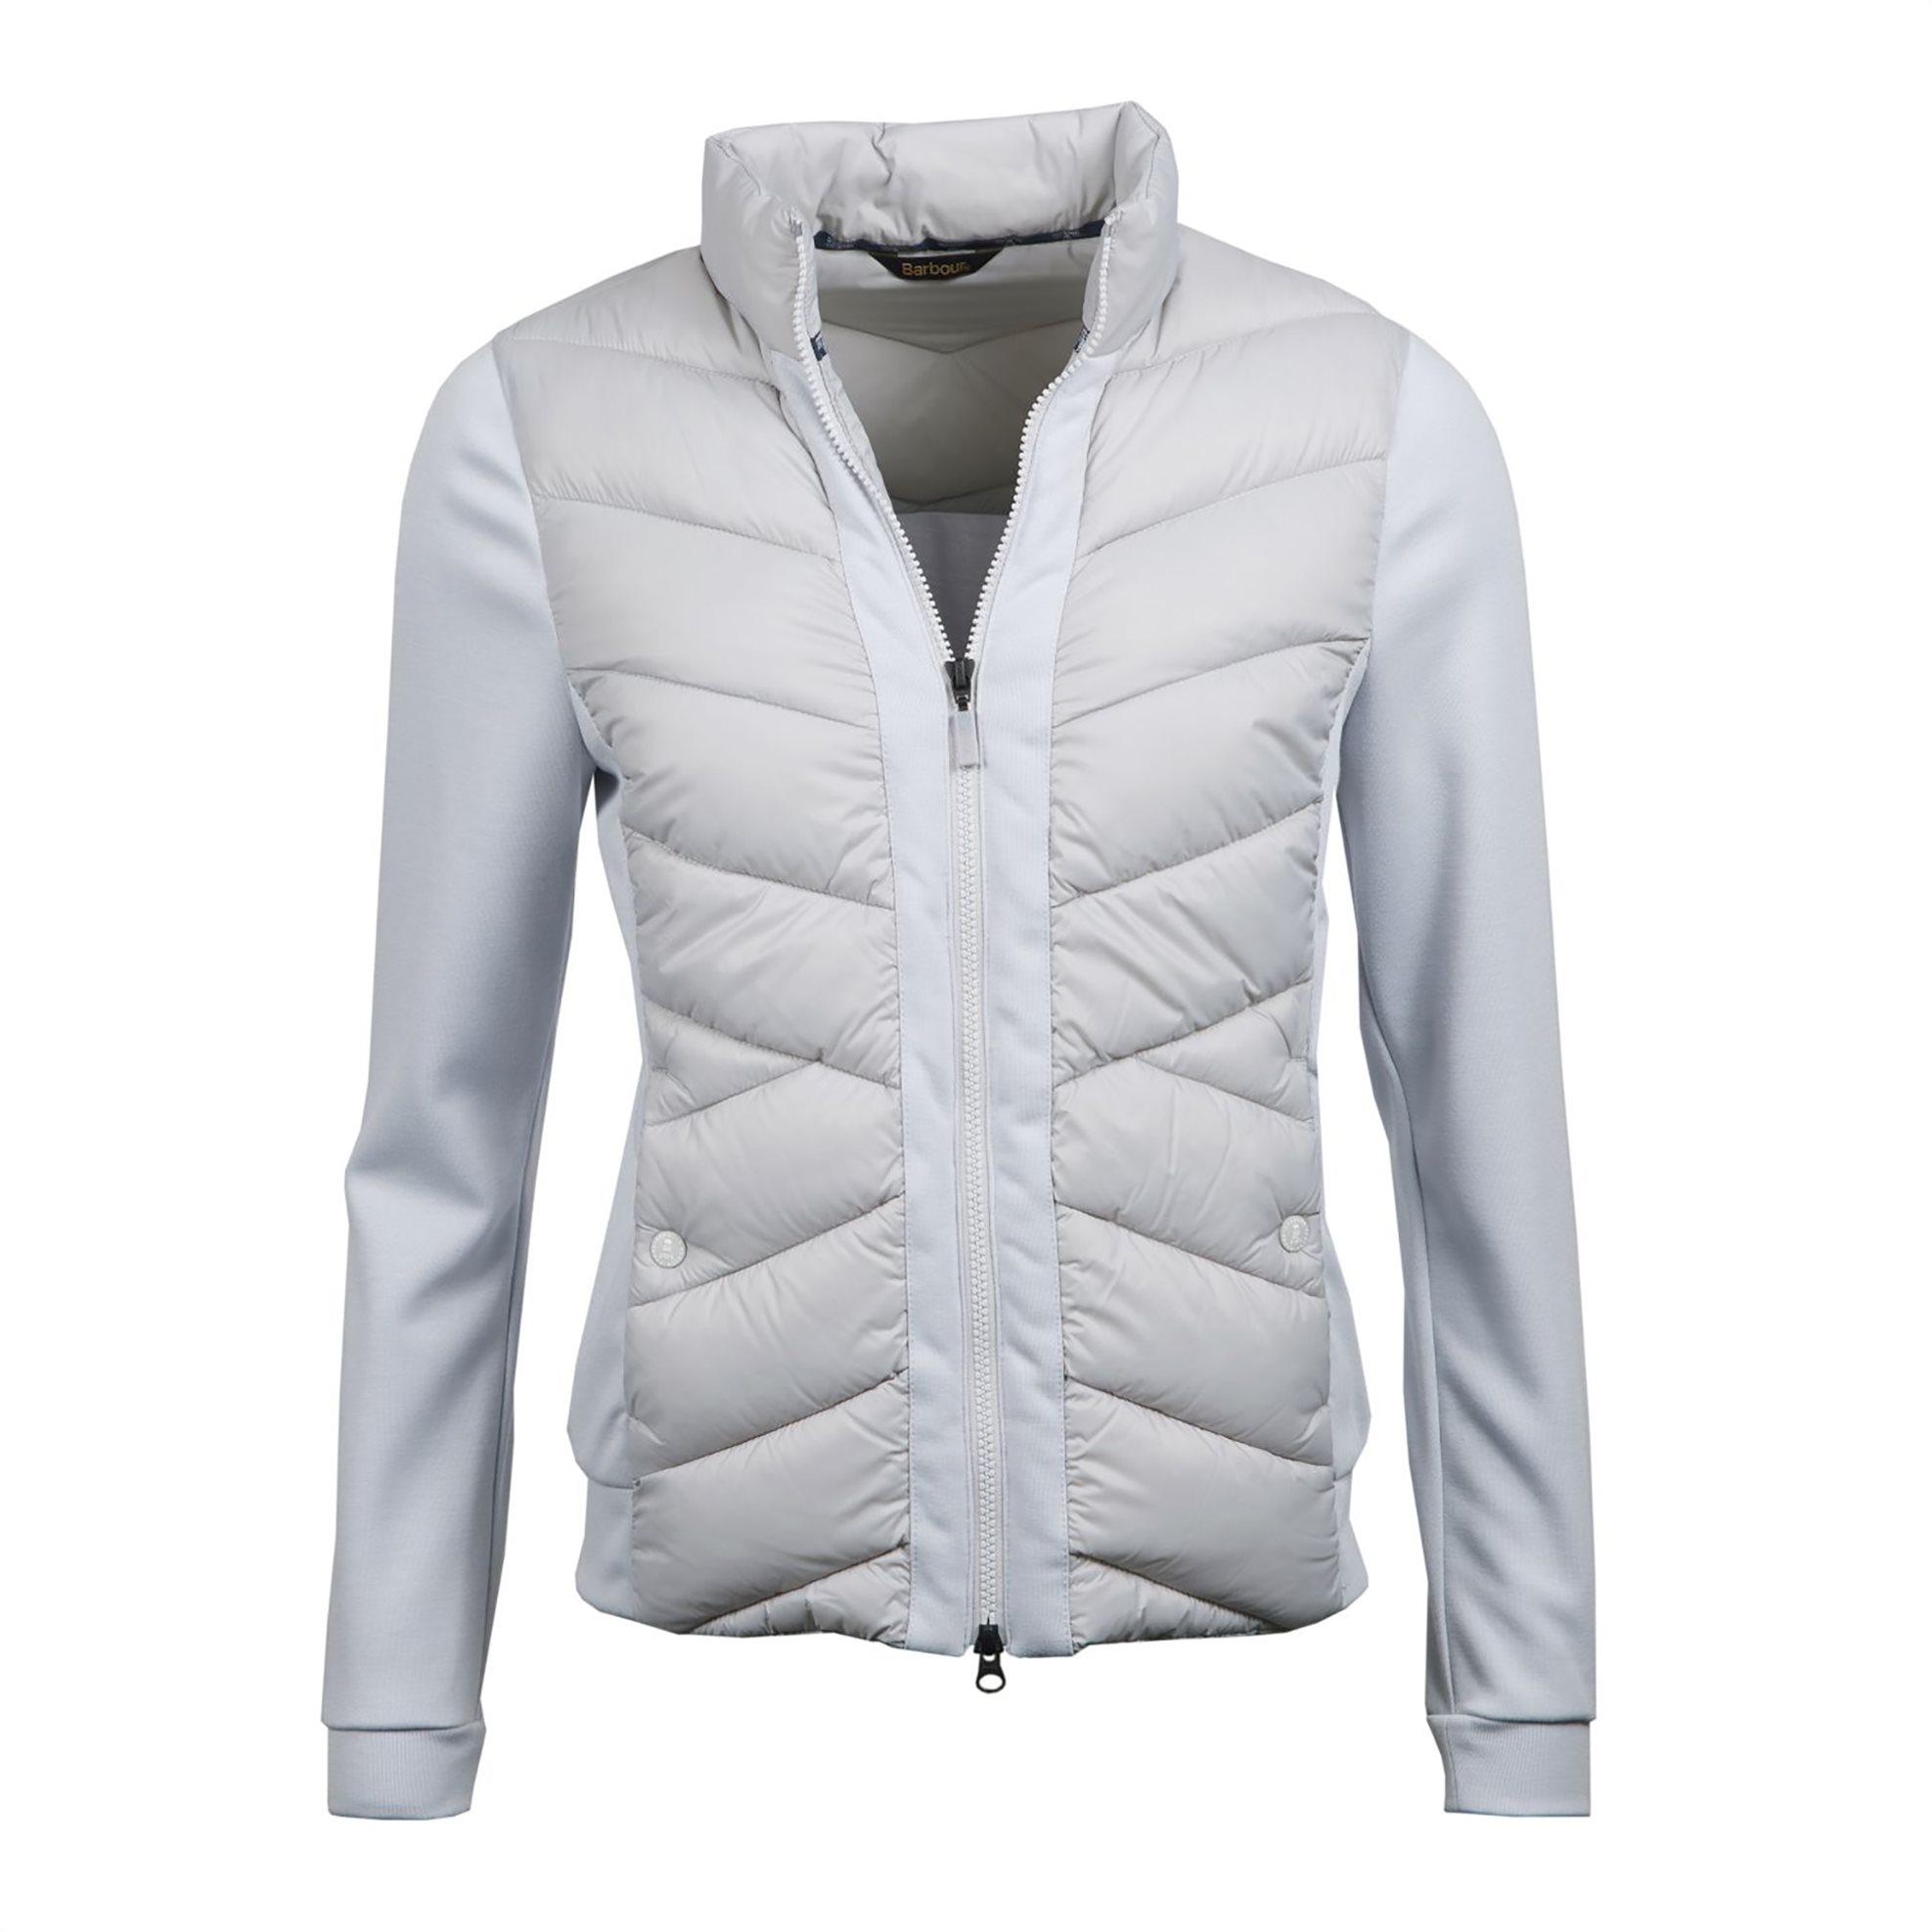 0f0c339195b online αγορές Lucifer Ρούχα γυναικα ρουχα πανωφόρια μπουφάν σακάκια